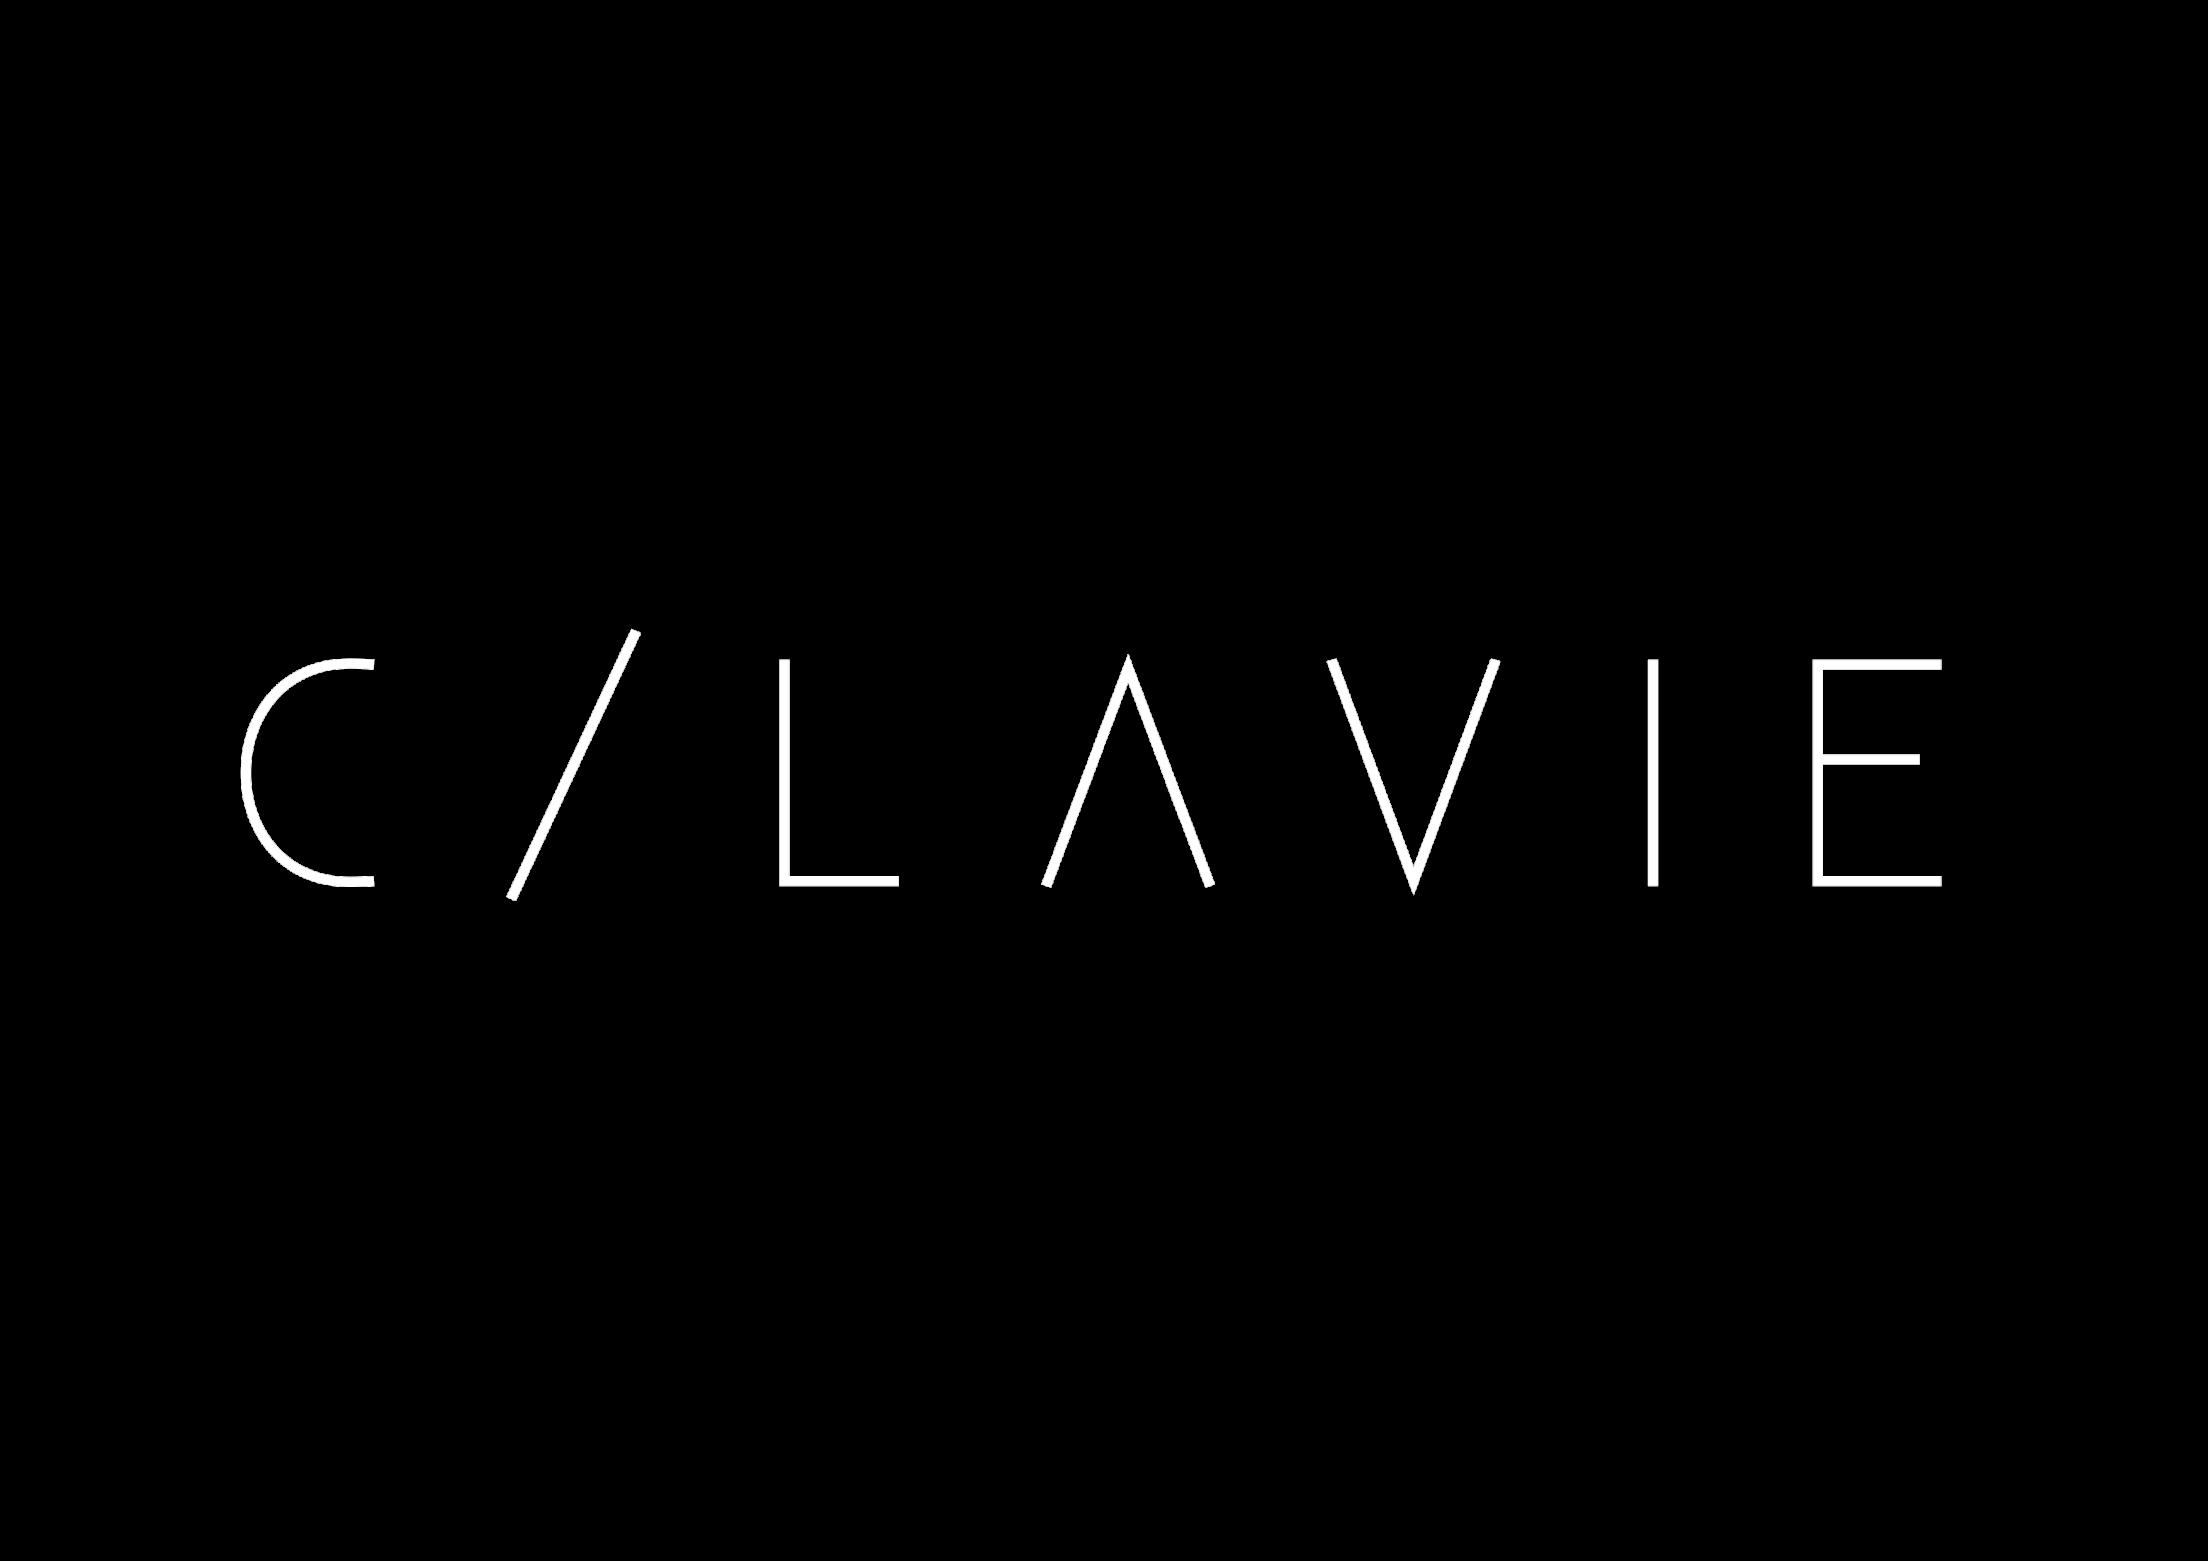 logo-groot-ovelay